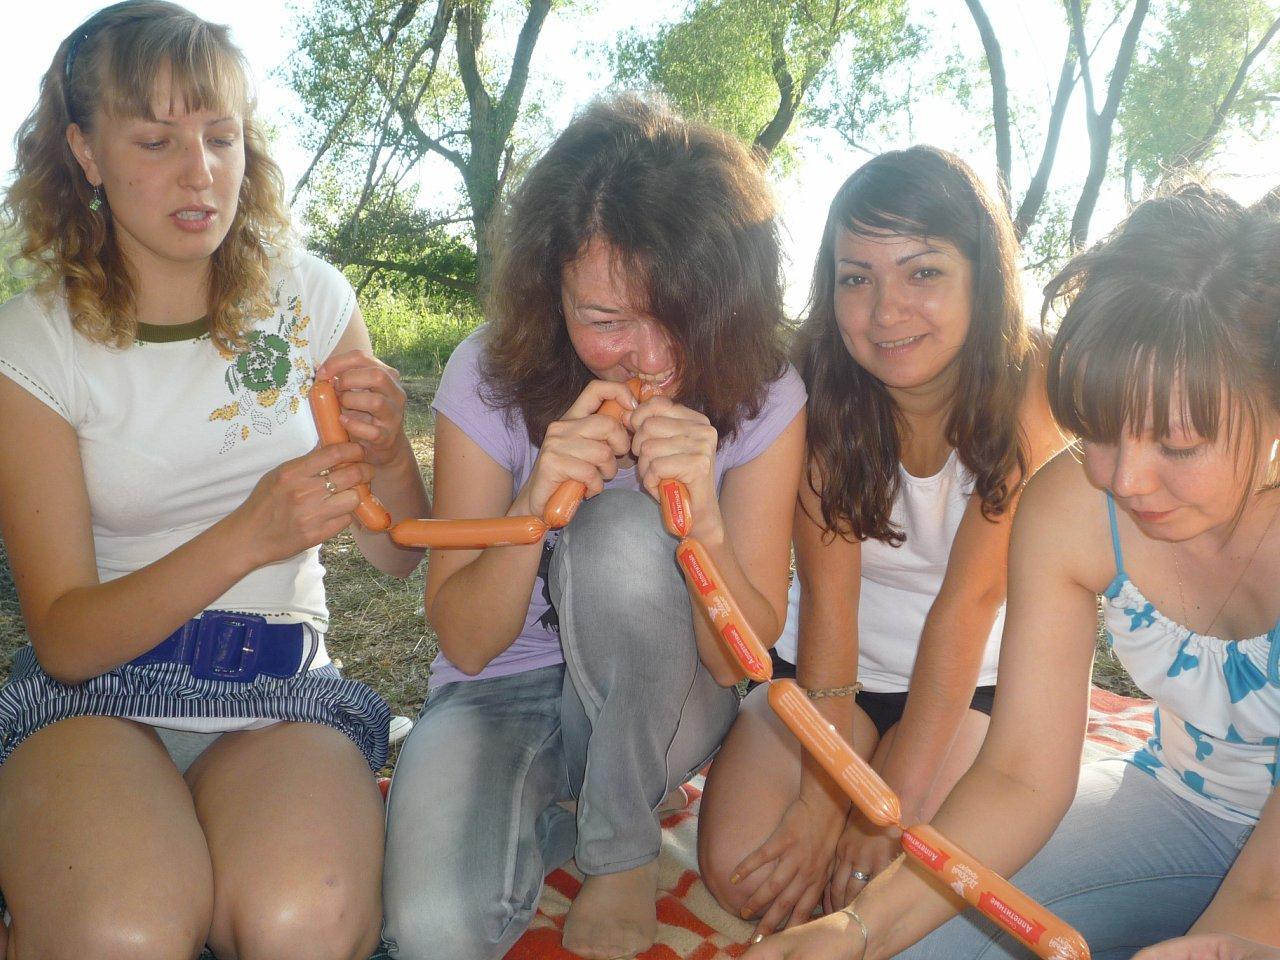 Девушка засветила трусики на пикнике с подружками